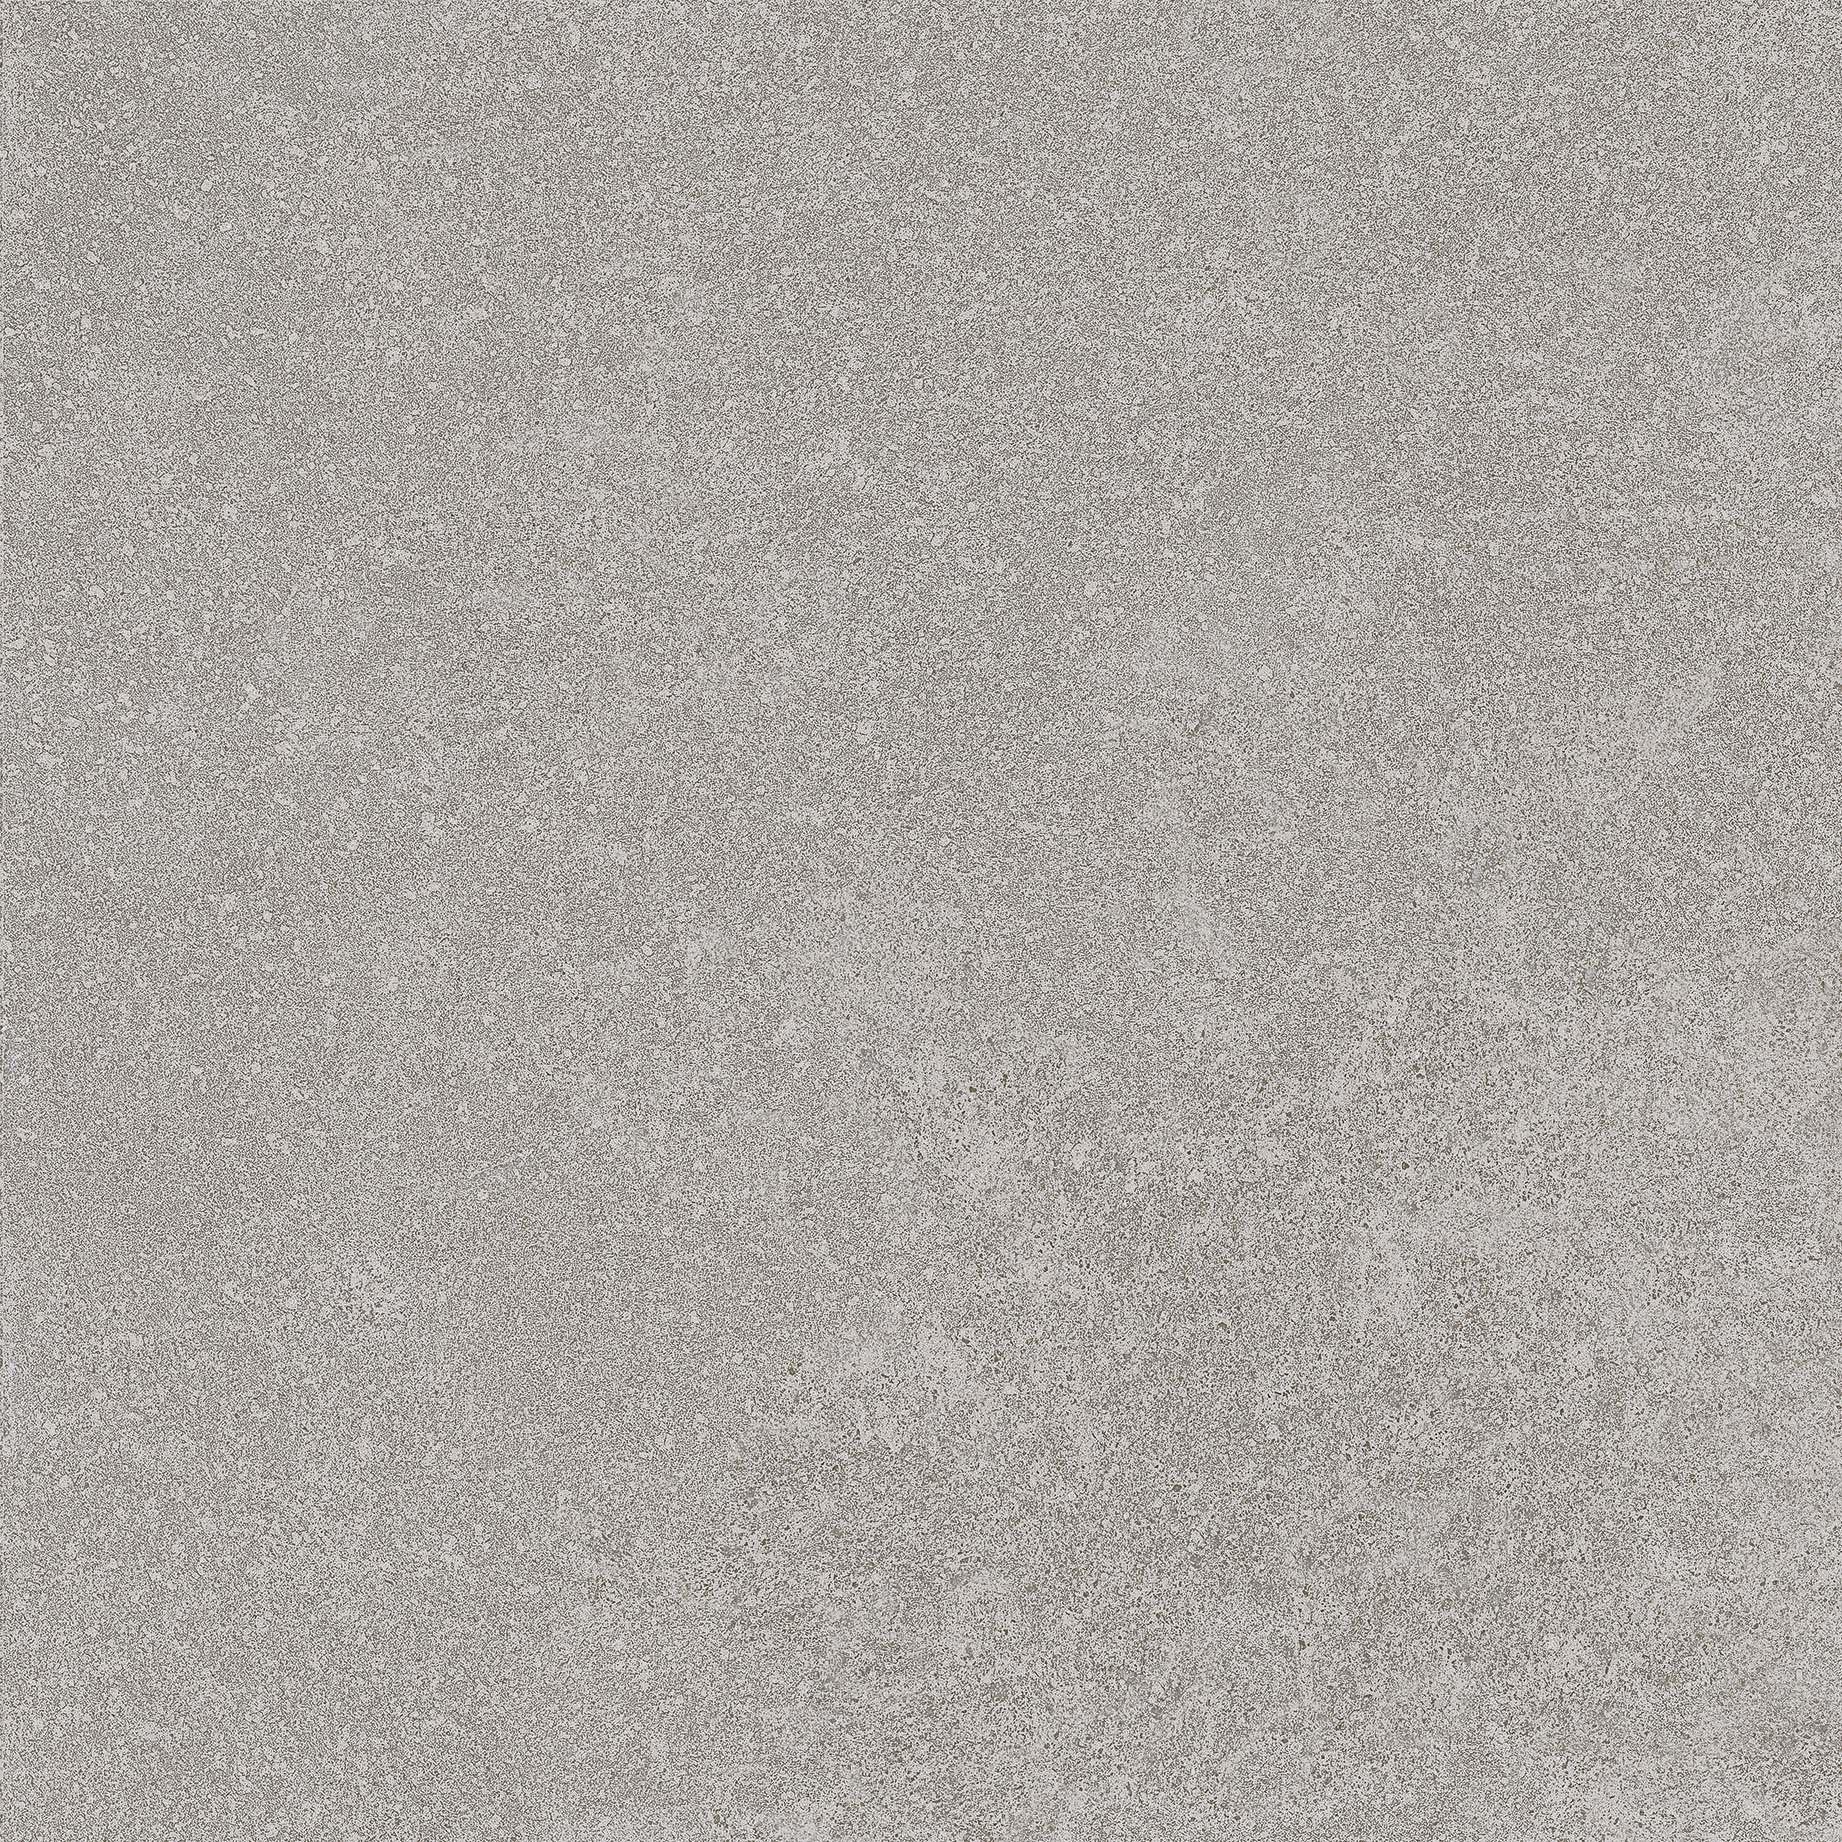 Aston r gris 80x80cm pavimento porcel nico azulejo de - Pavimento gres porcelanico ...